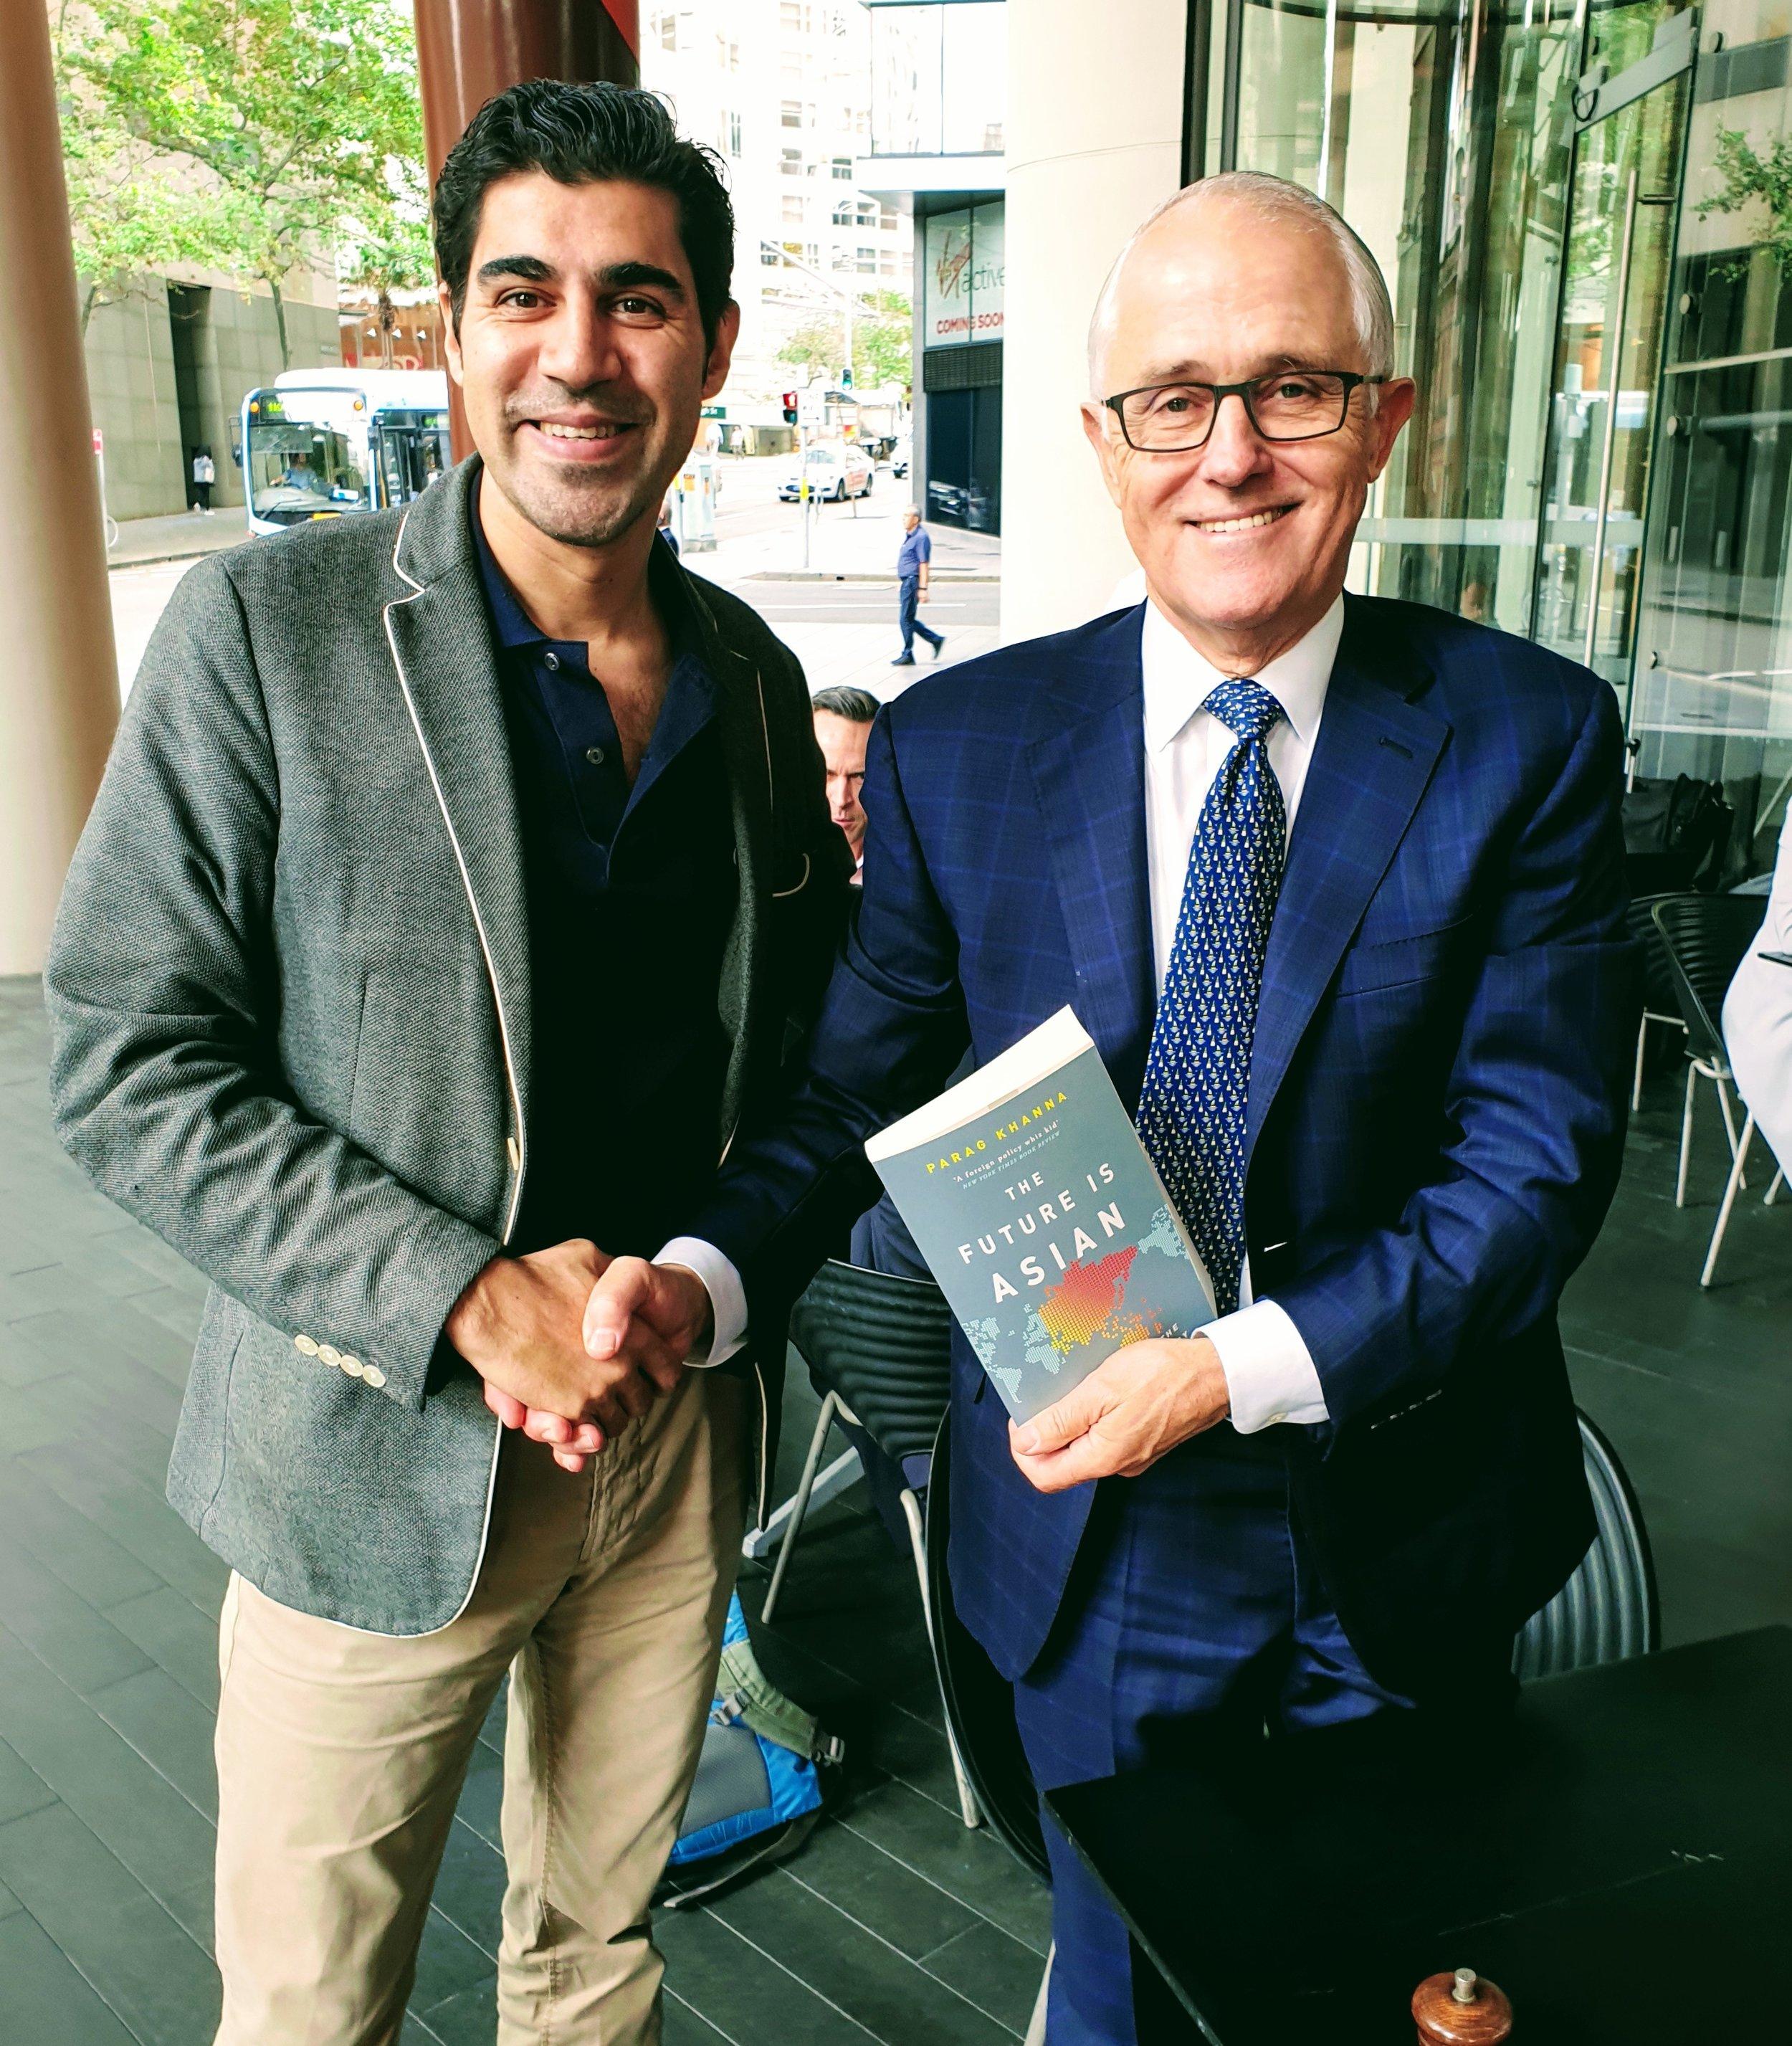 Parag Khanna + Malcolm Turnbull .jpg